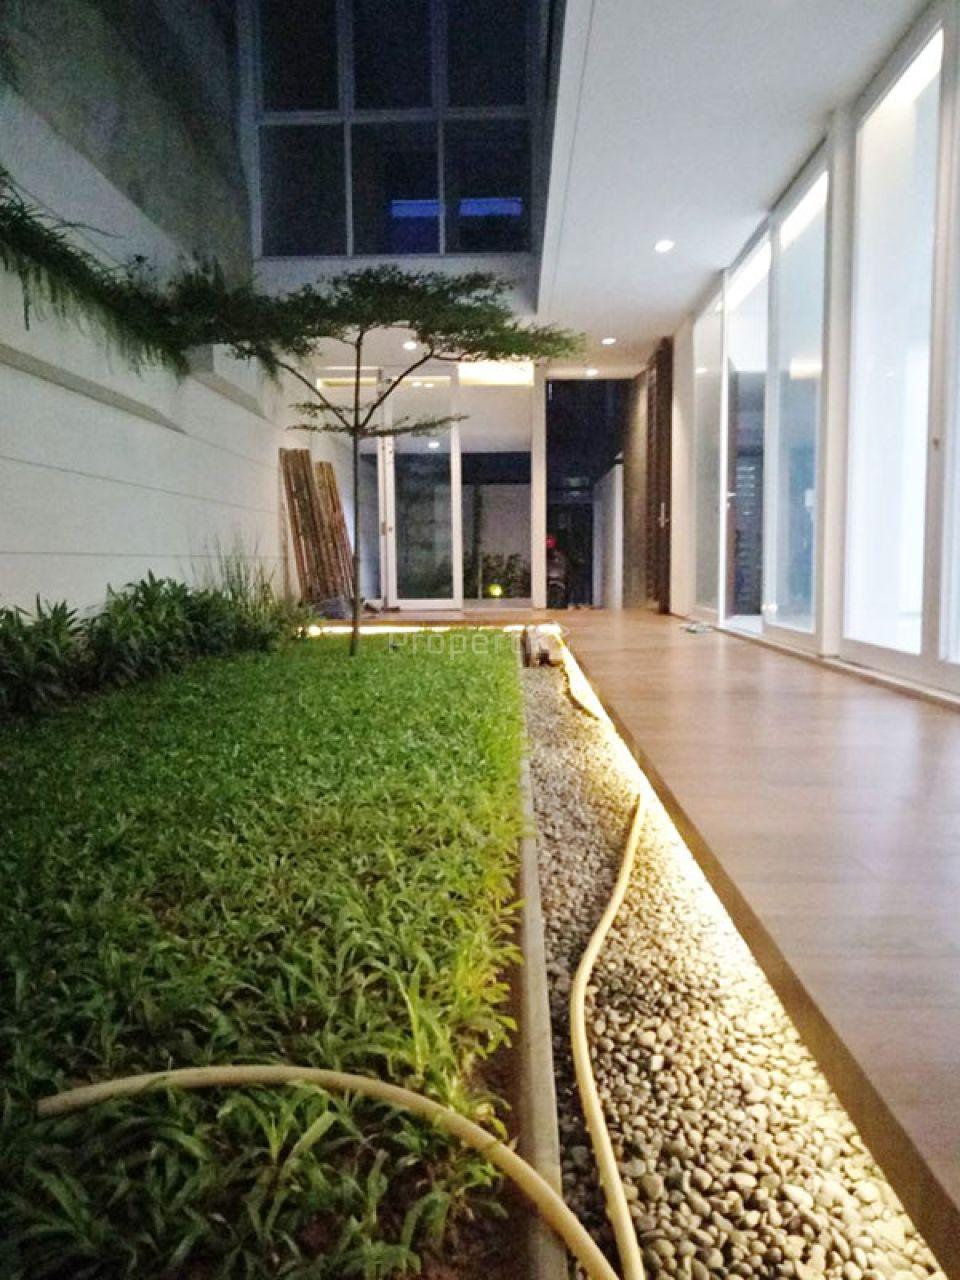 Rumah 2 Lantai di Jl. Jambore, Cibubur, Jakarta Timur, DKI Jakarta